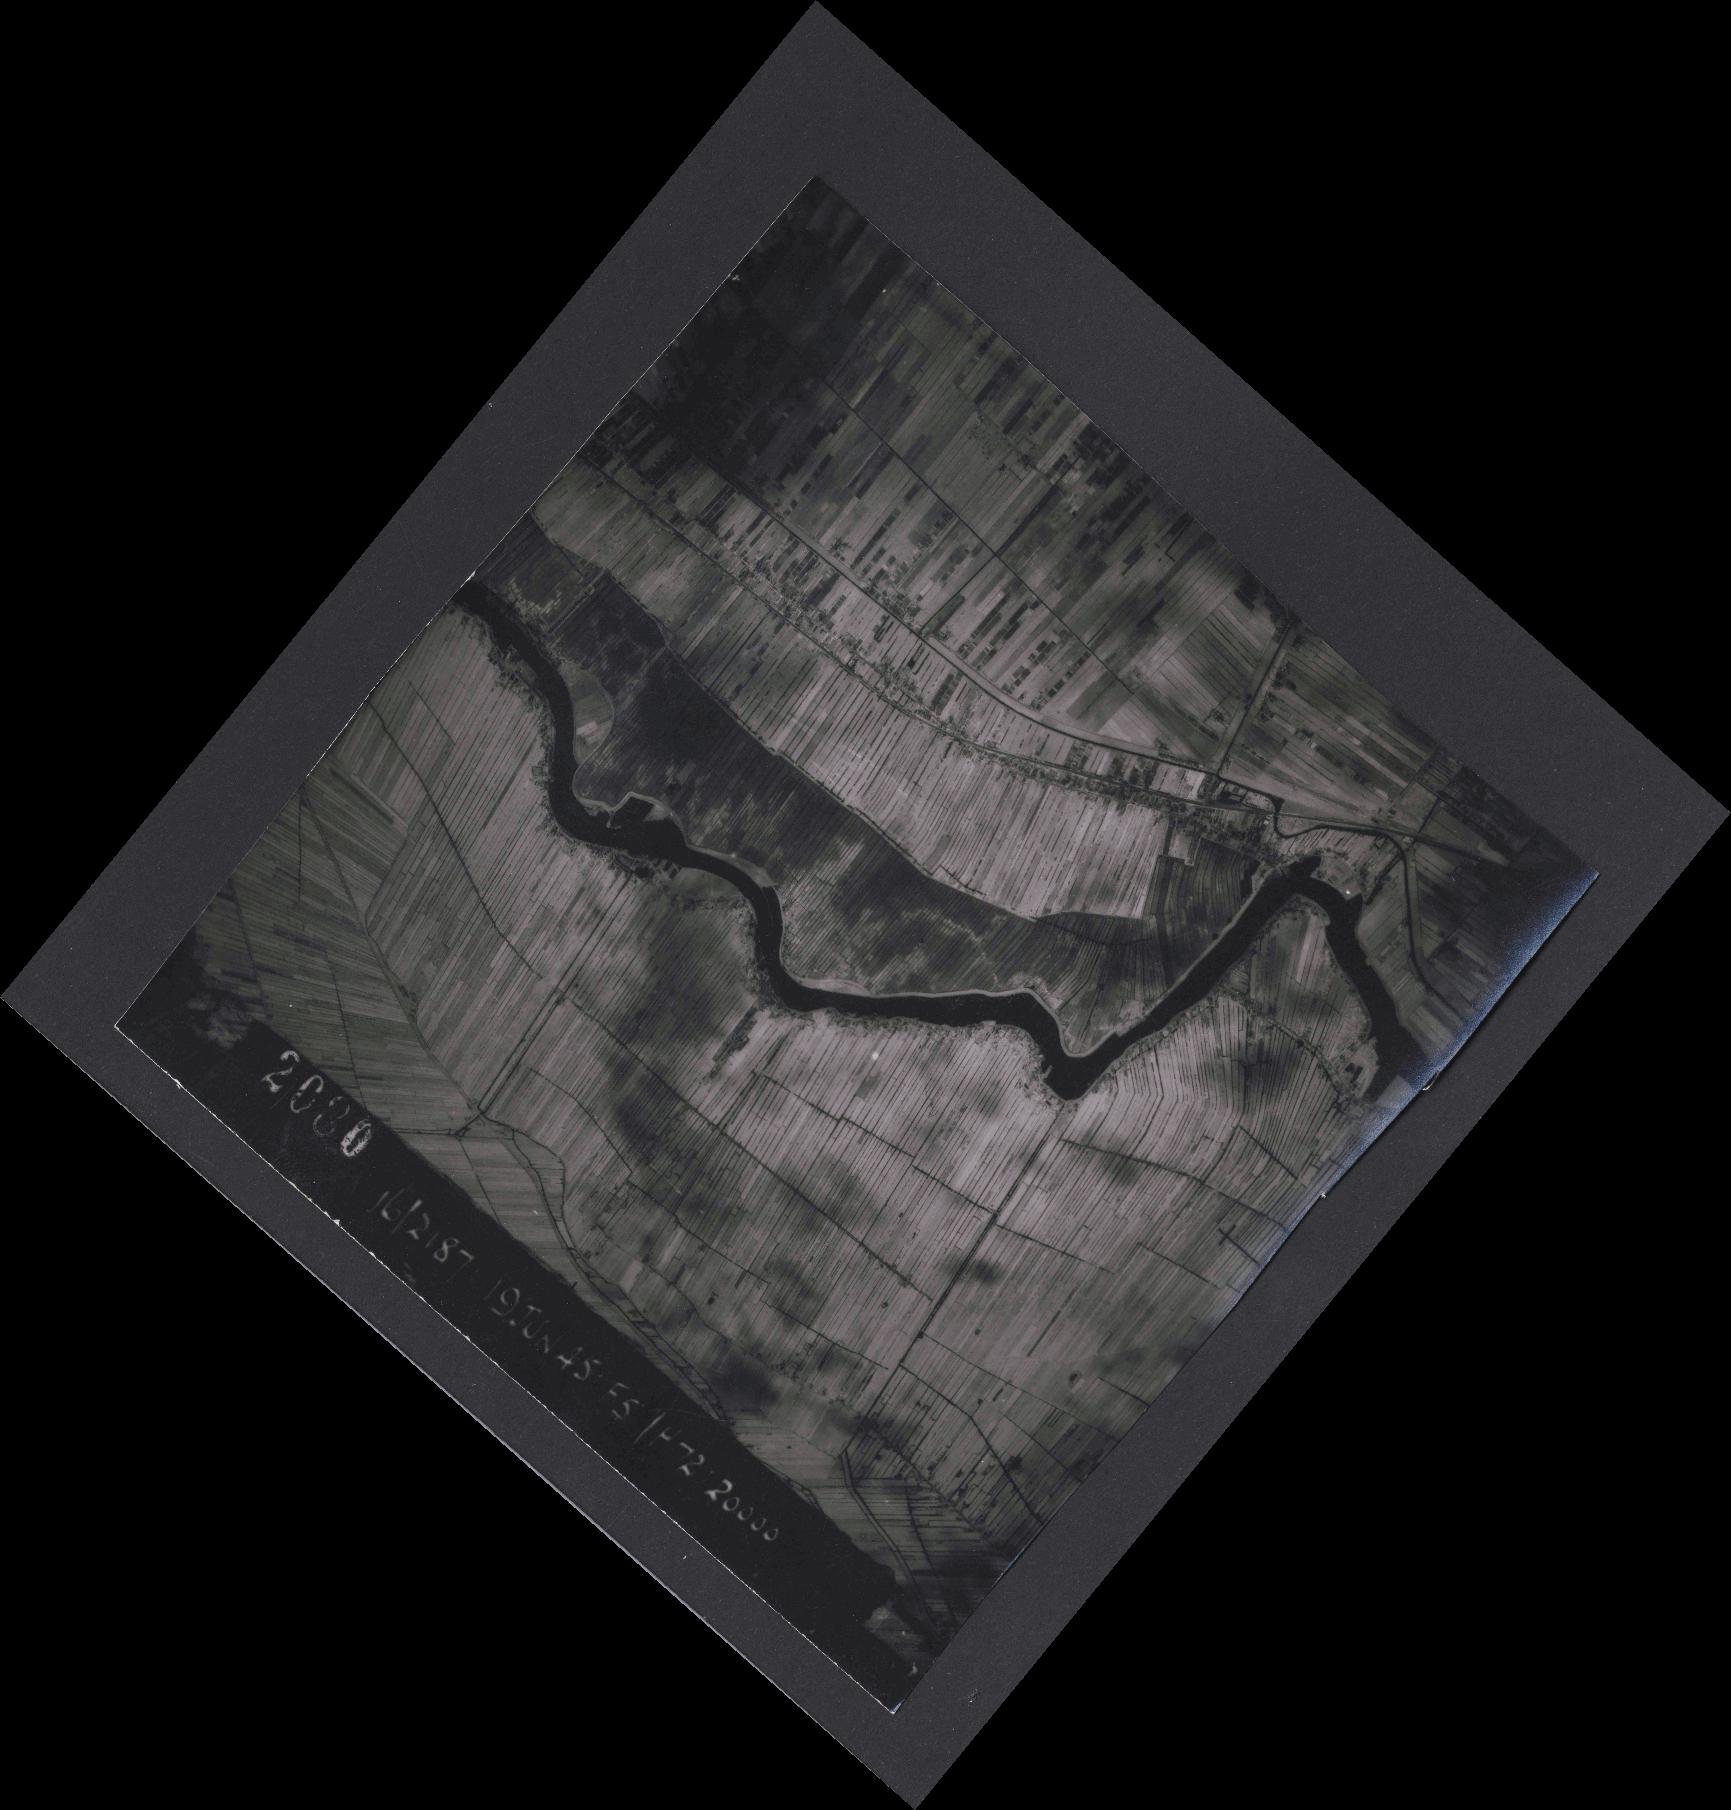 Collection RAF aerial photos 1940-1945 - flight 551, run 02, photo 2080